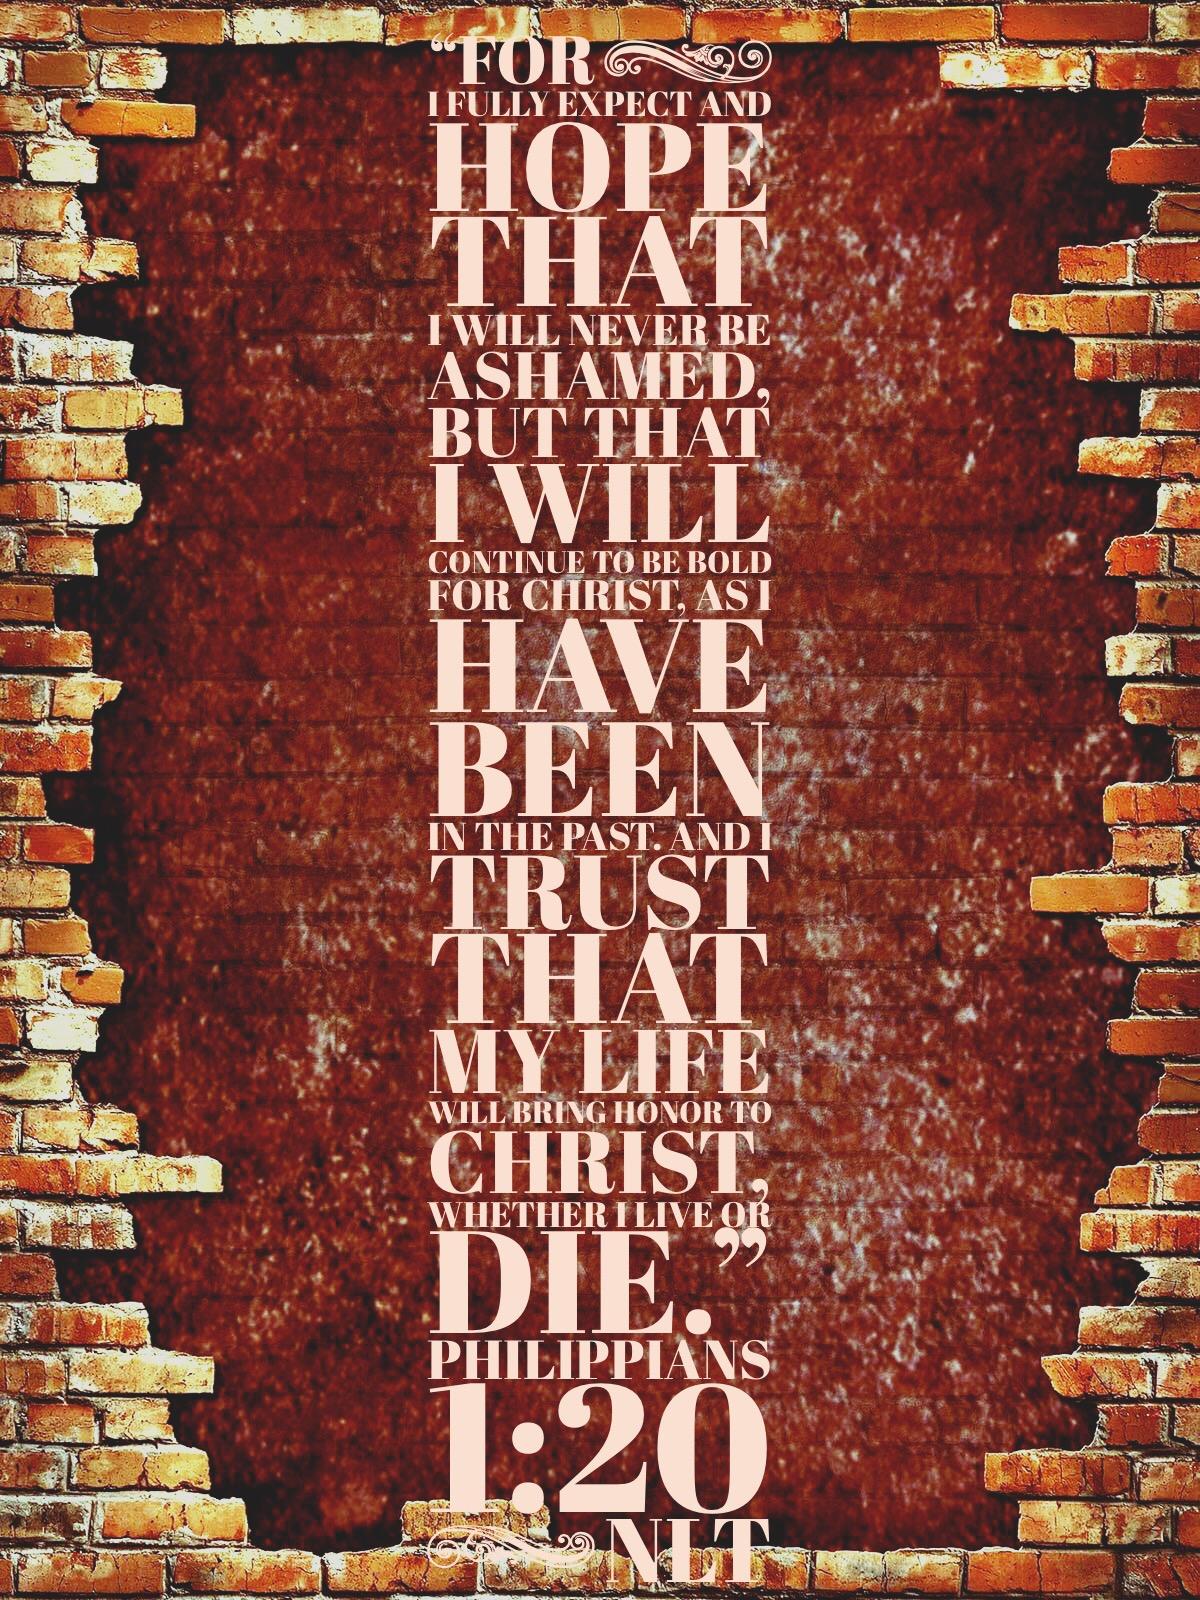 Philippians 1:20